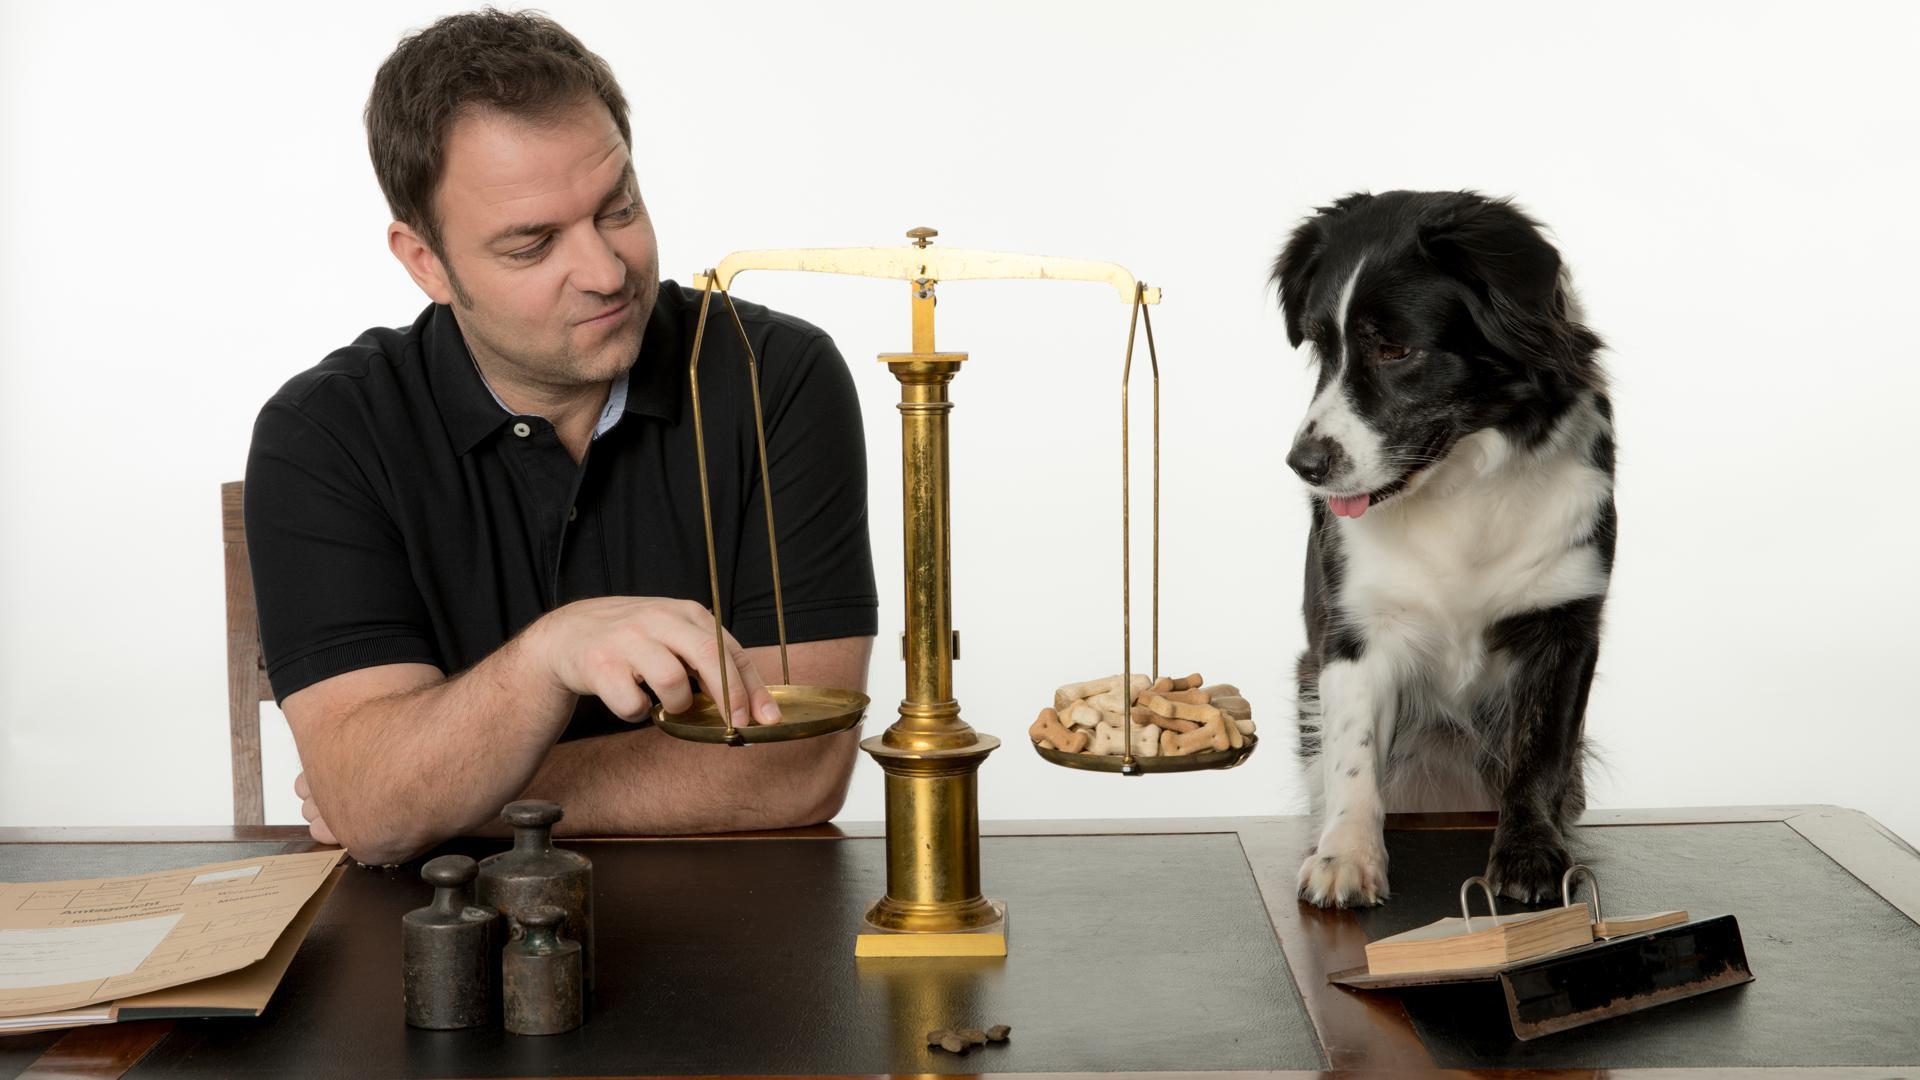 Hundeprofi Martin Rütter und seine Emma, ein Australien-Shepherd-Mix.